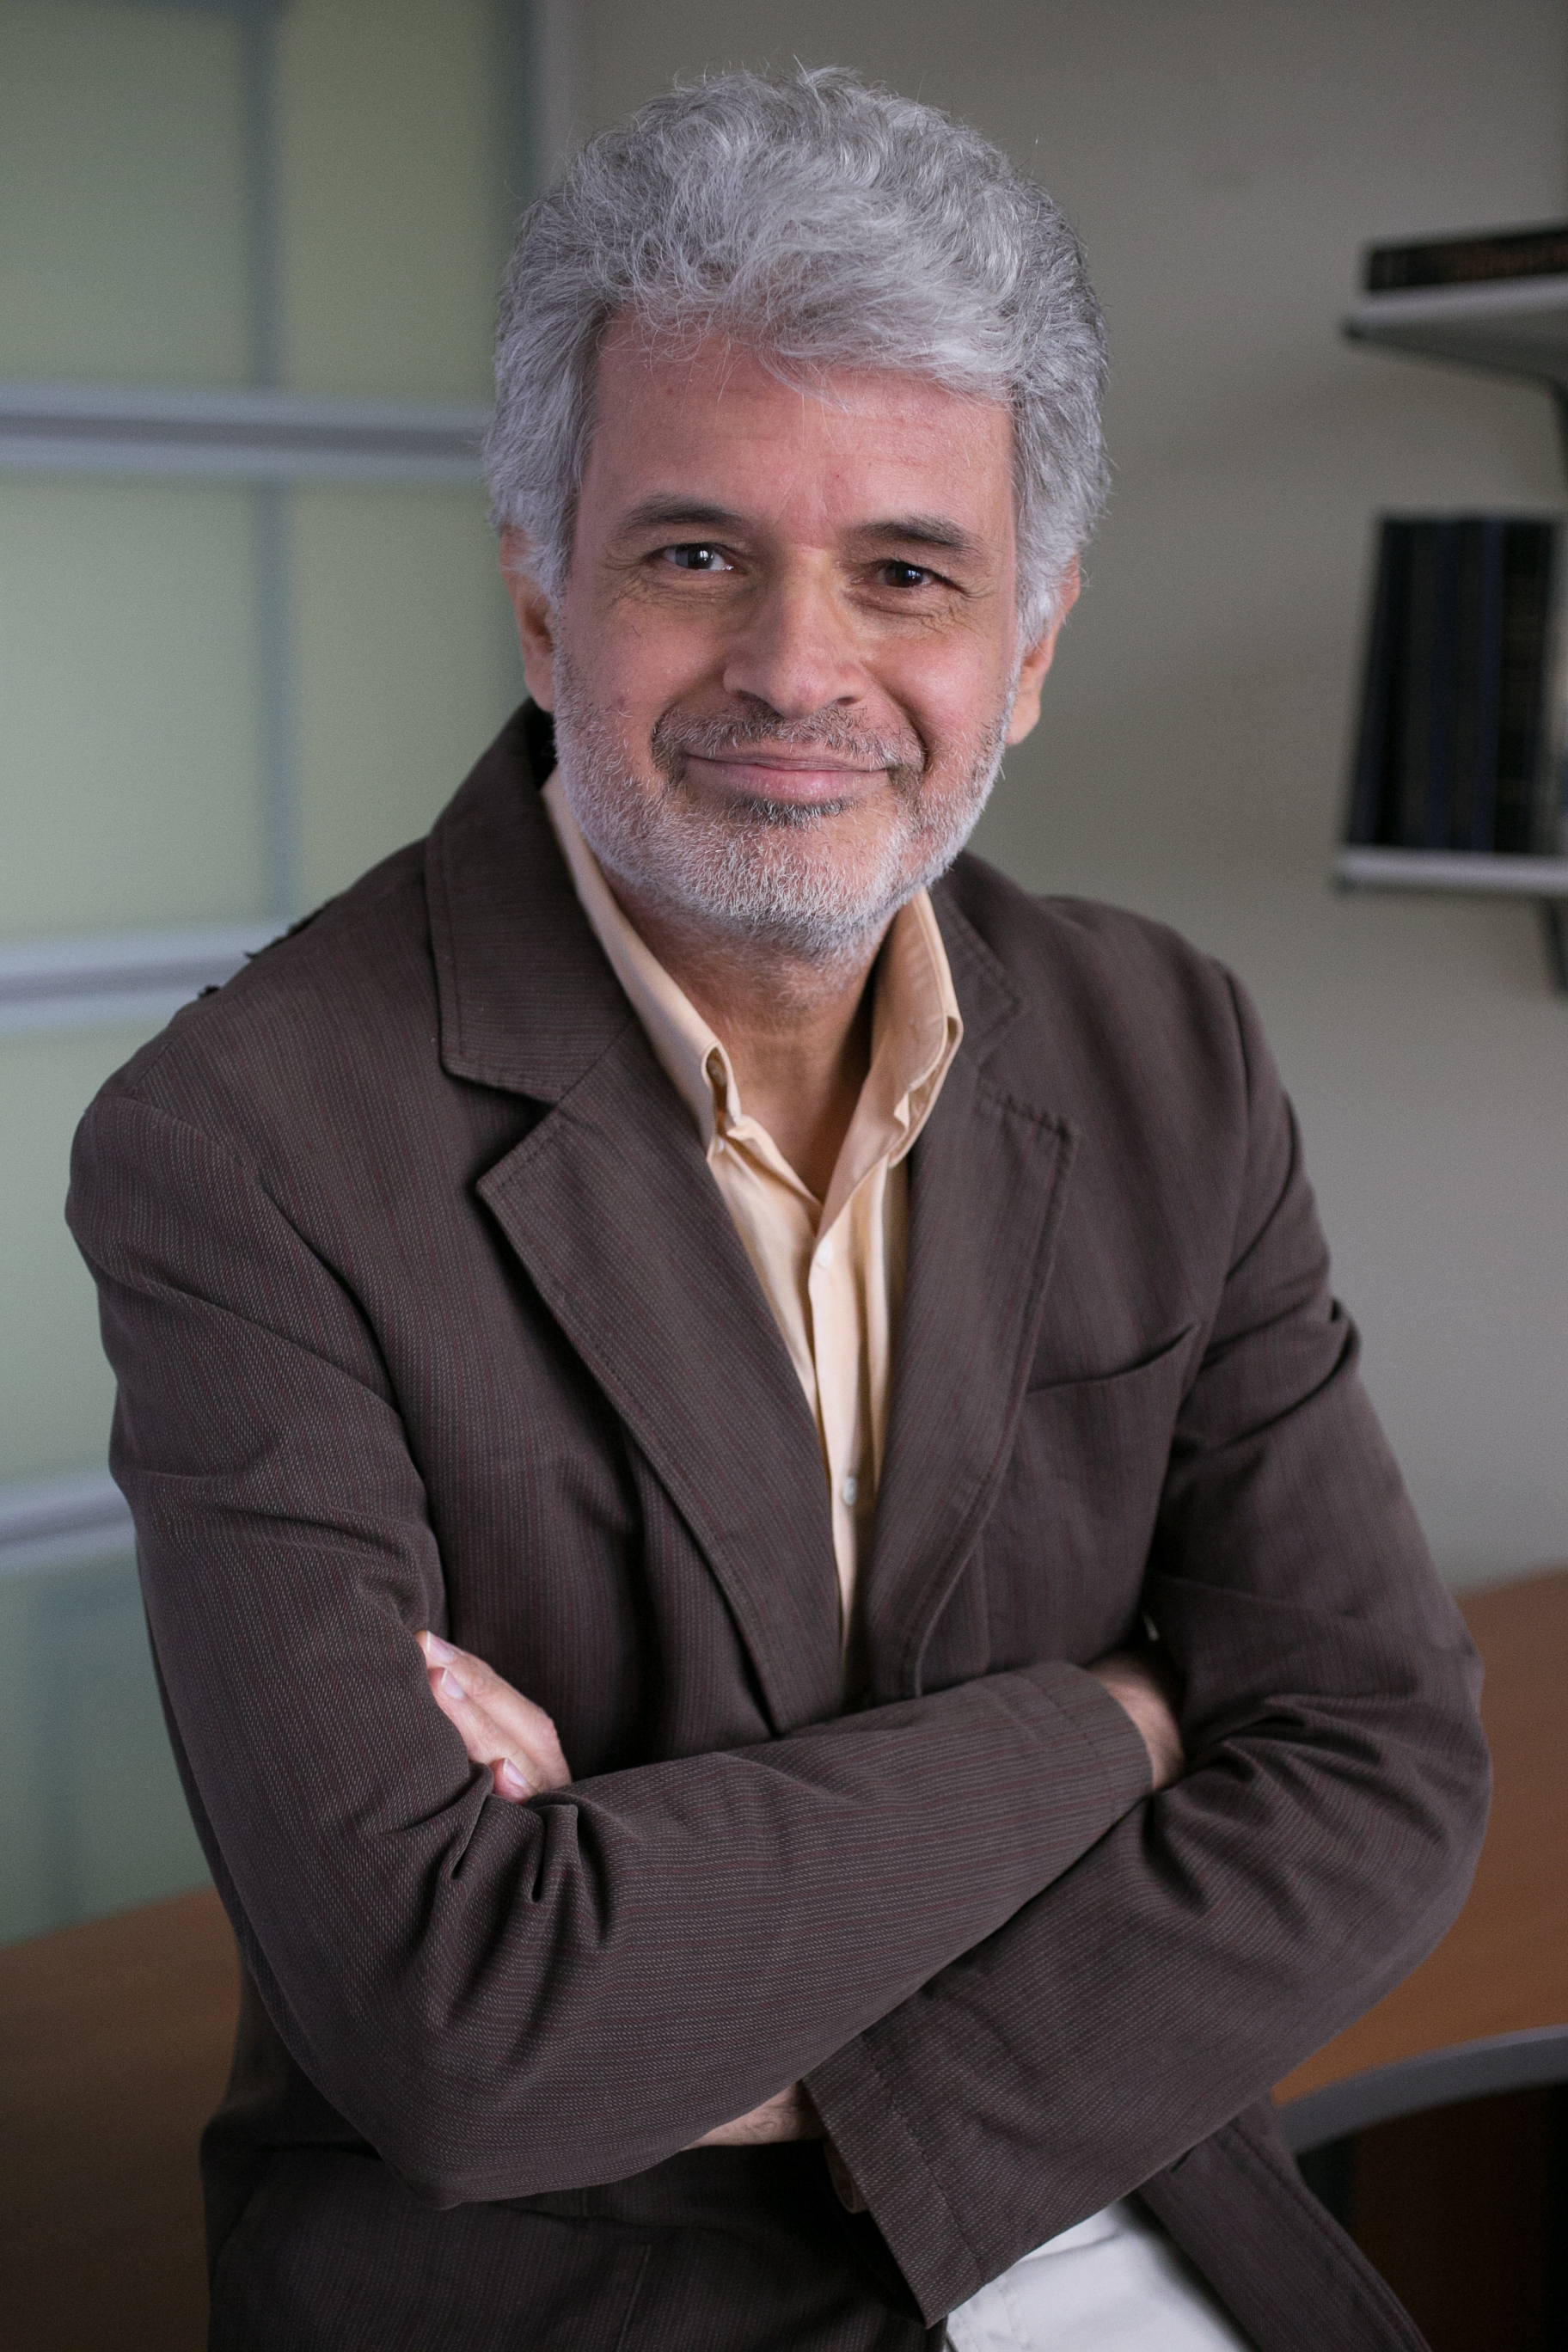 Photograph of Themis Lazaridis